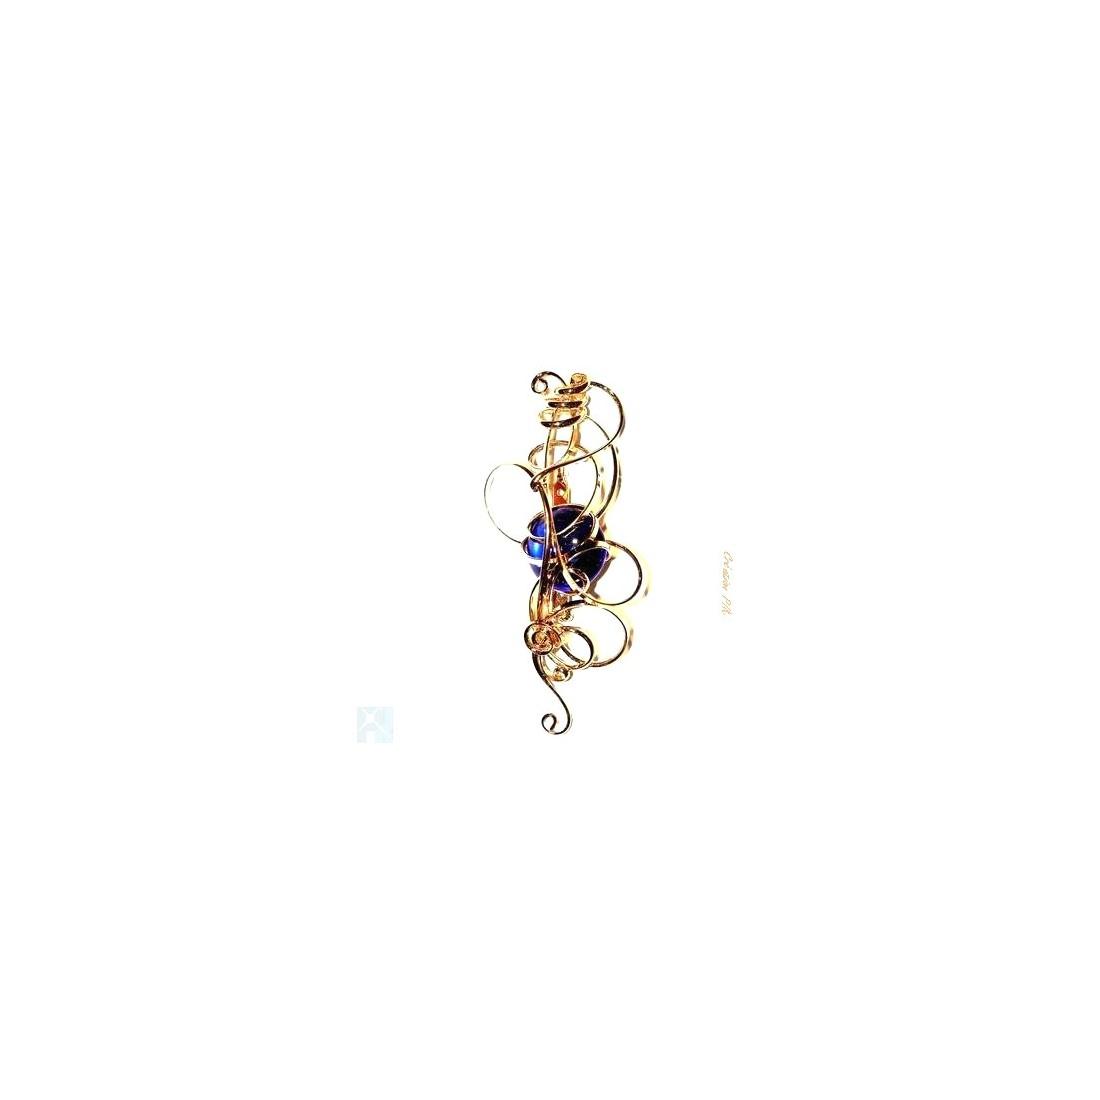 Broche fantaisie dorée avec une pierre bleue foncée